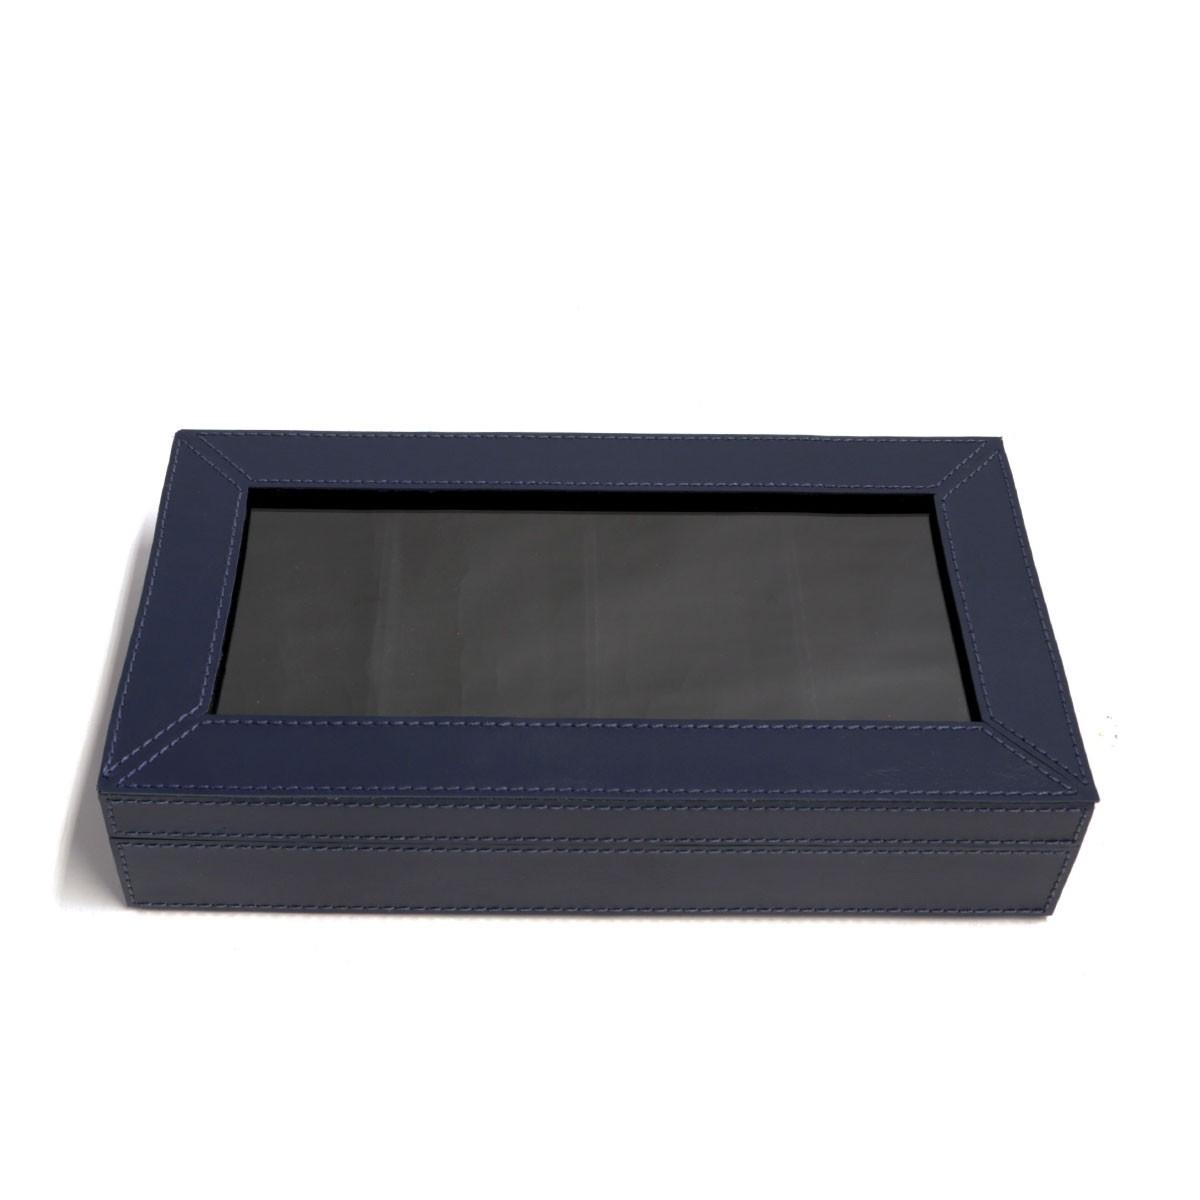 Caixa porta óculos (Montana Azul Marinho)